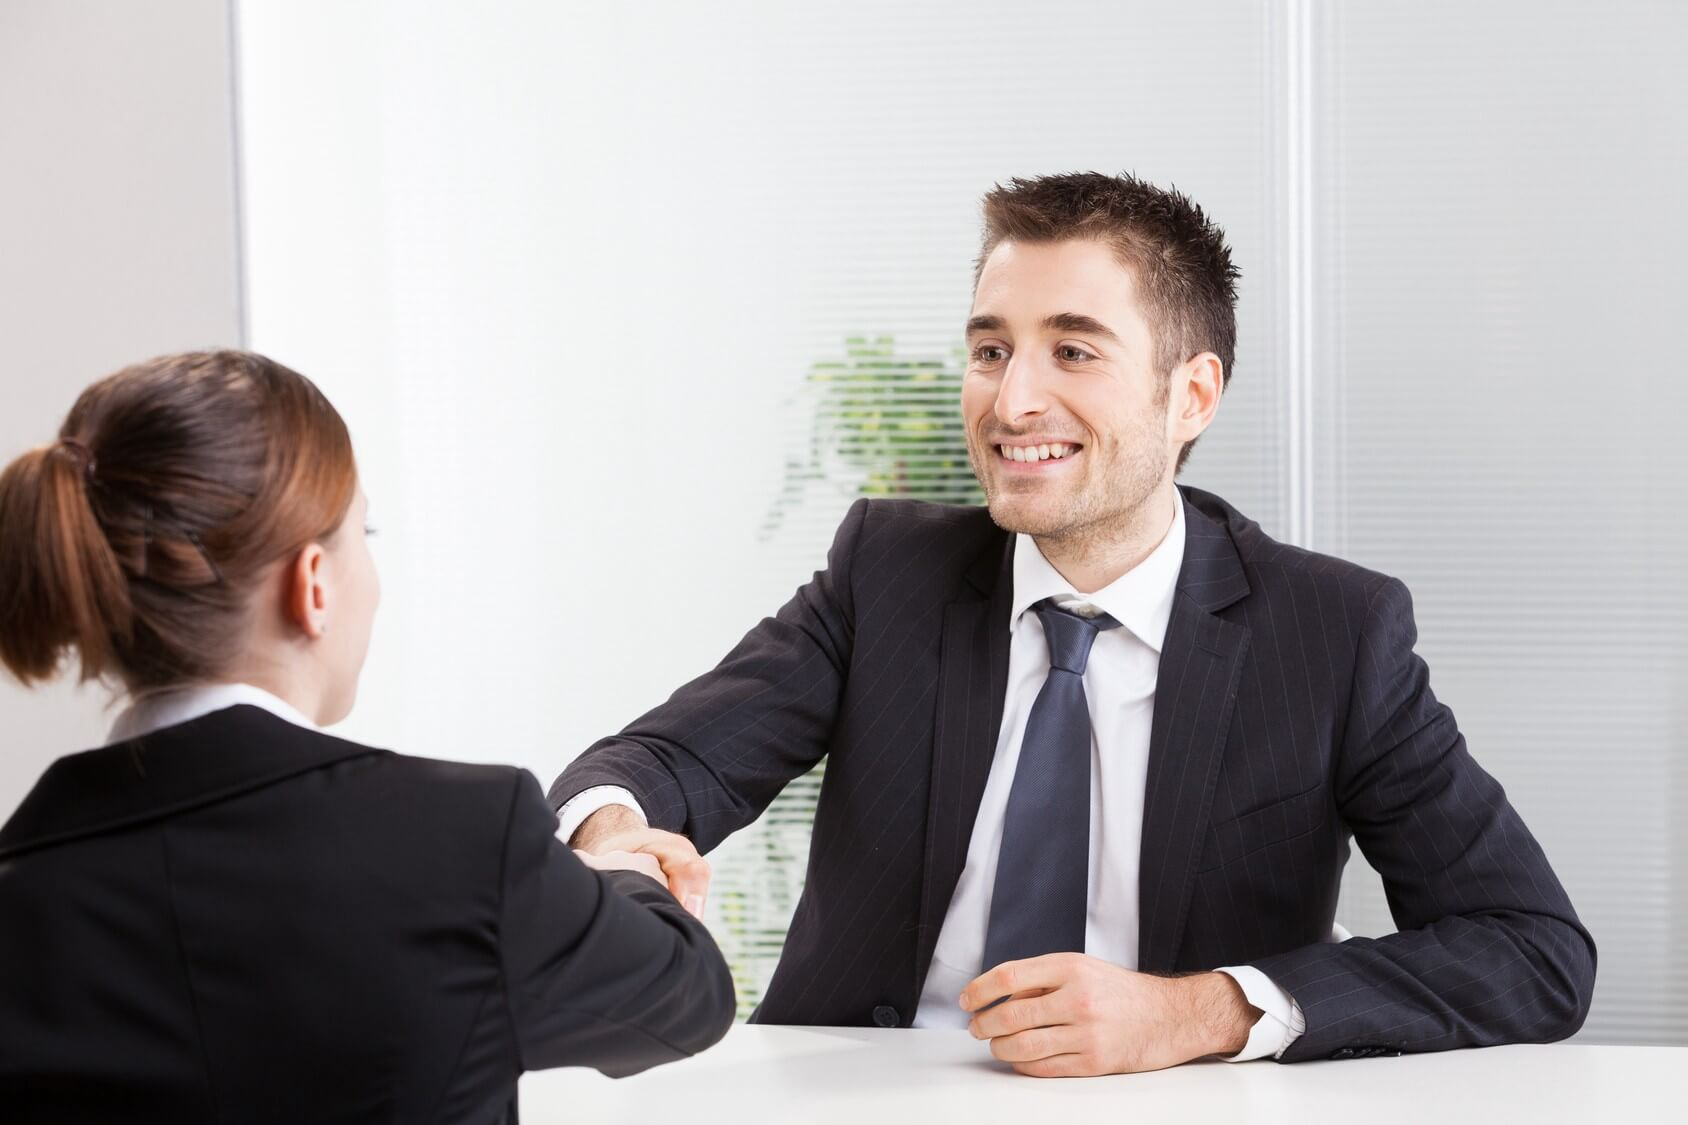 cách giao tiếp với khách hàng